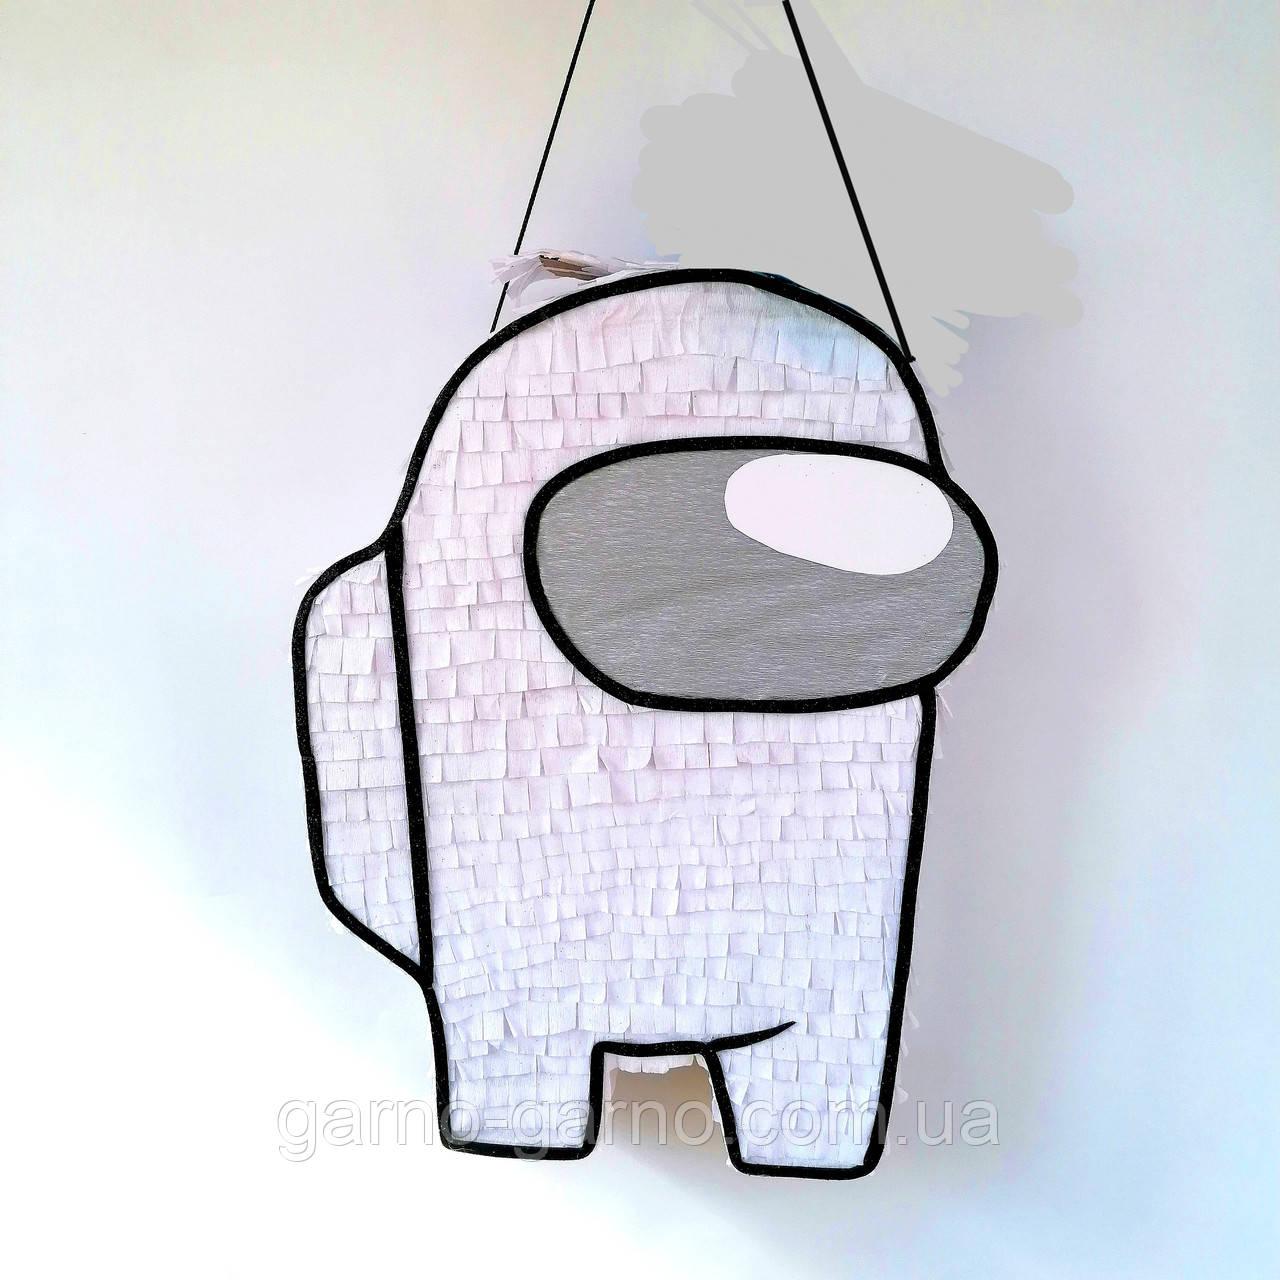 Амонг Ас Among Us пиньята бумажная для праздника Пиньята Космонавт персонаж игры белый пината амонг асик